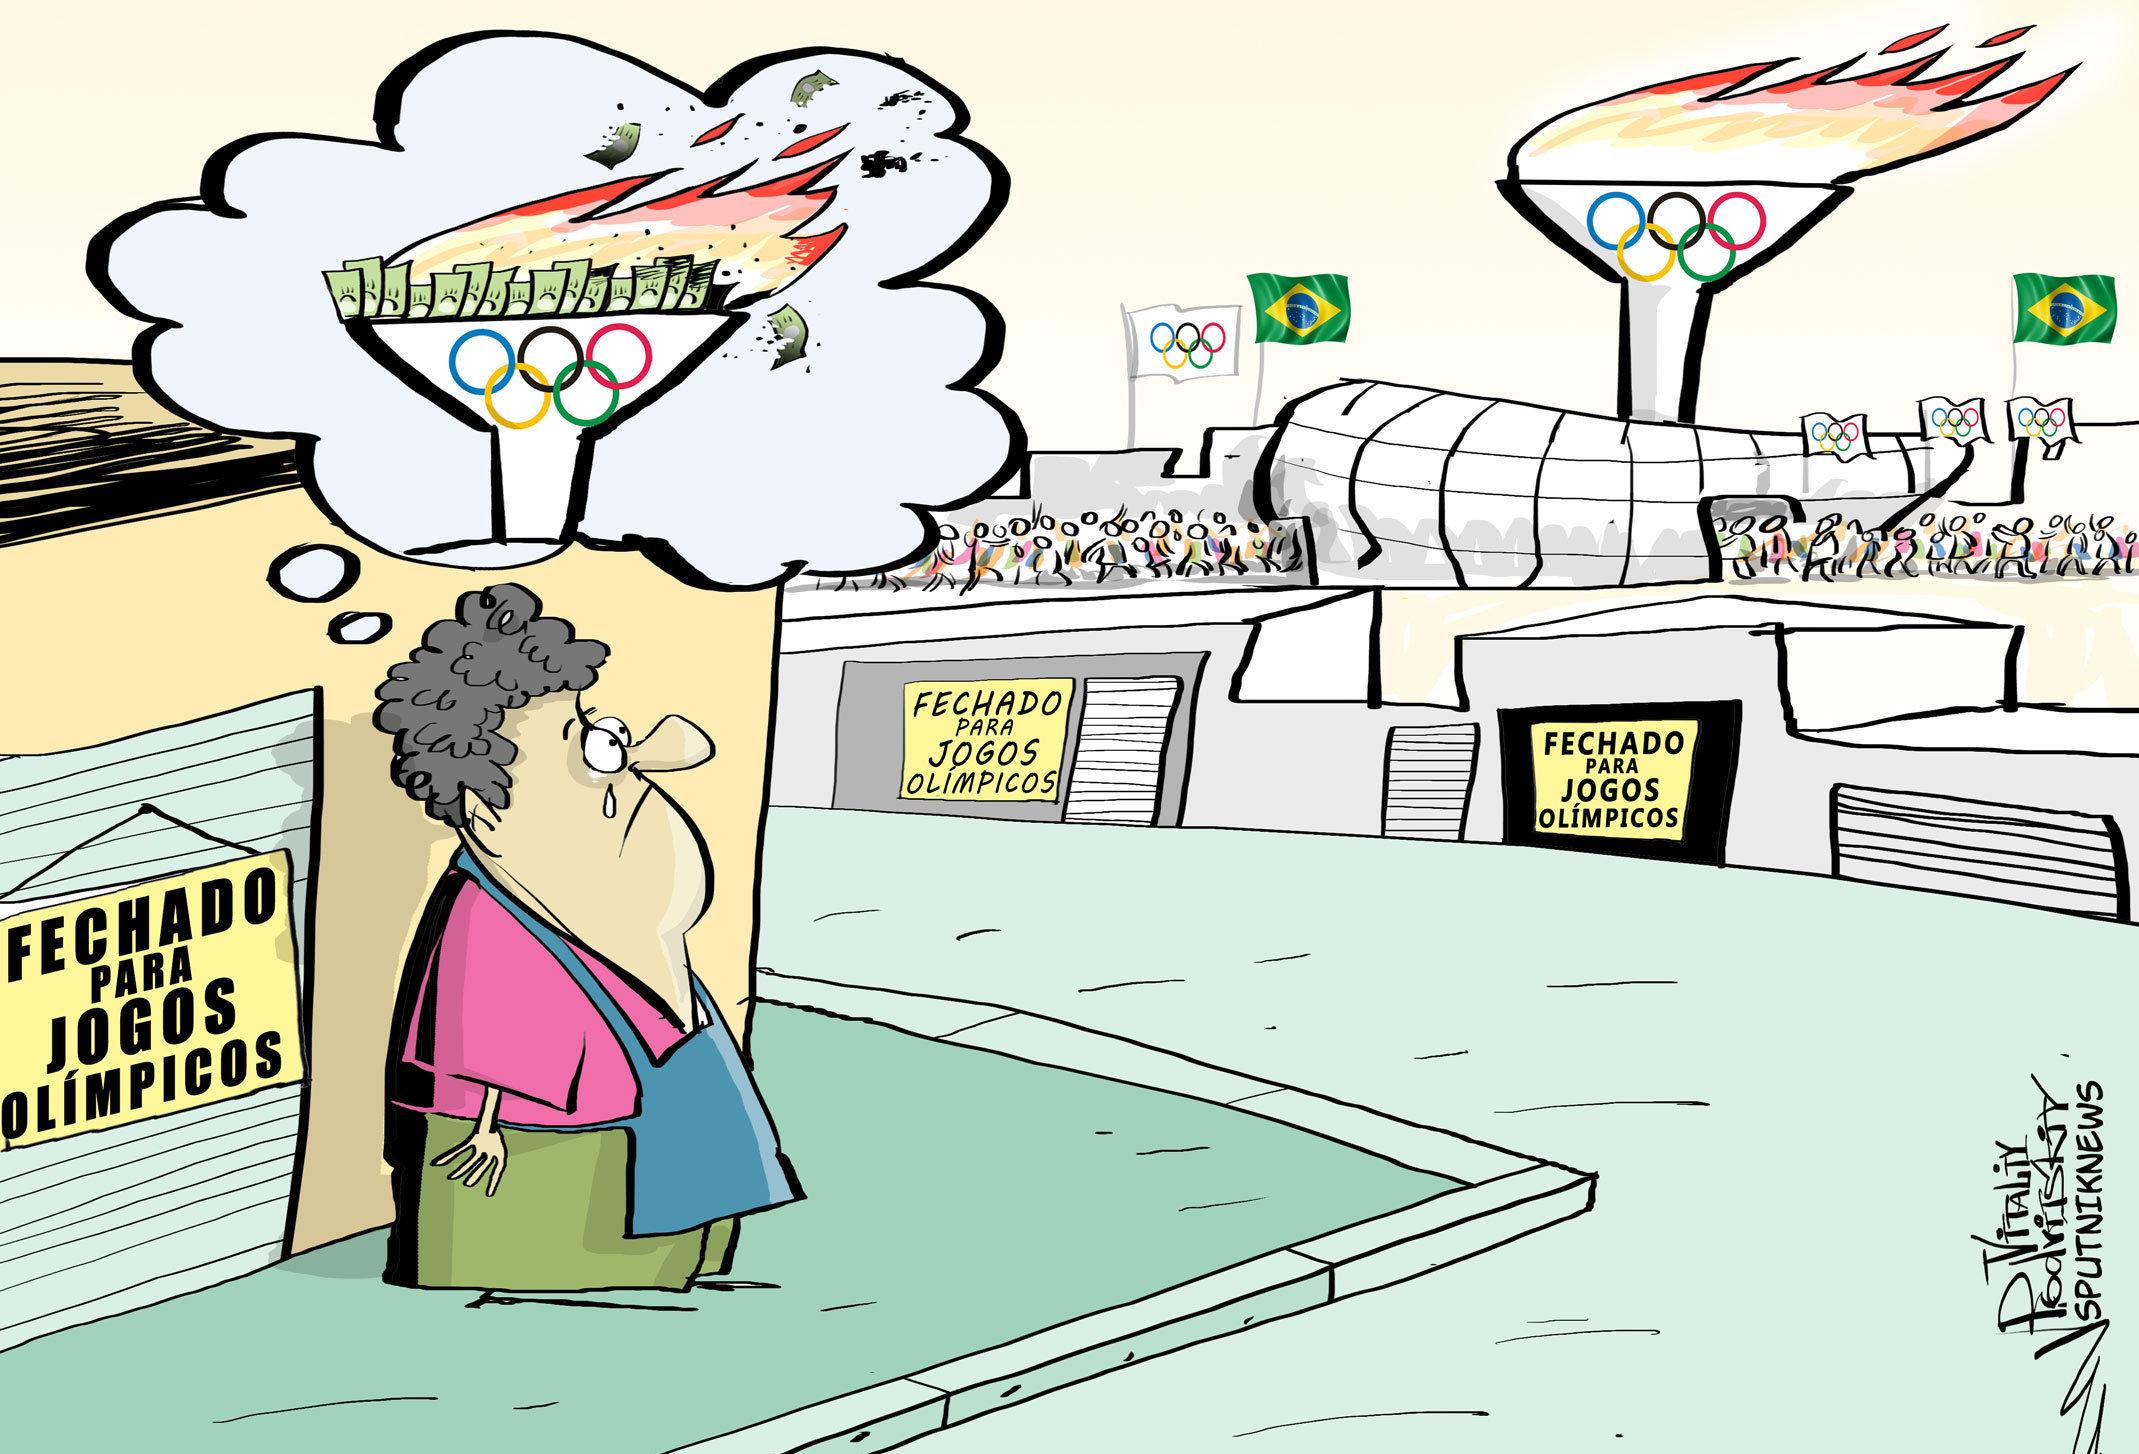 Feriados olímpicos causam prejuízos para setores da economia do Rio